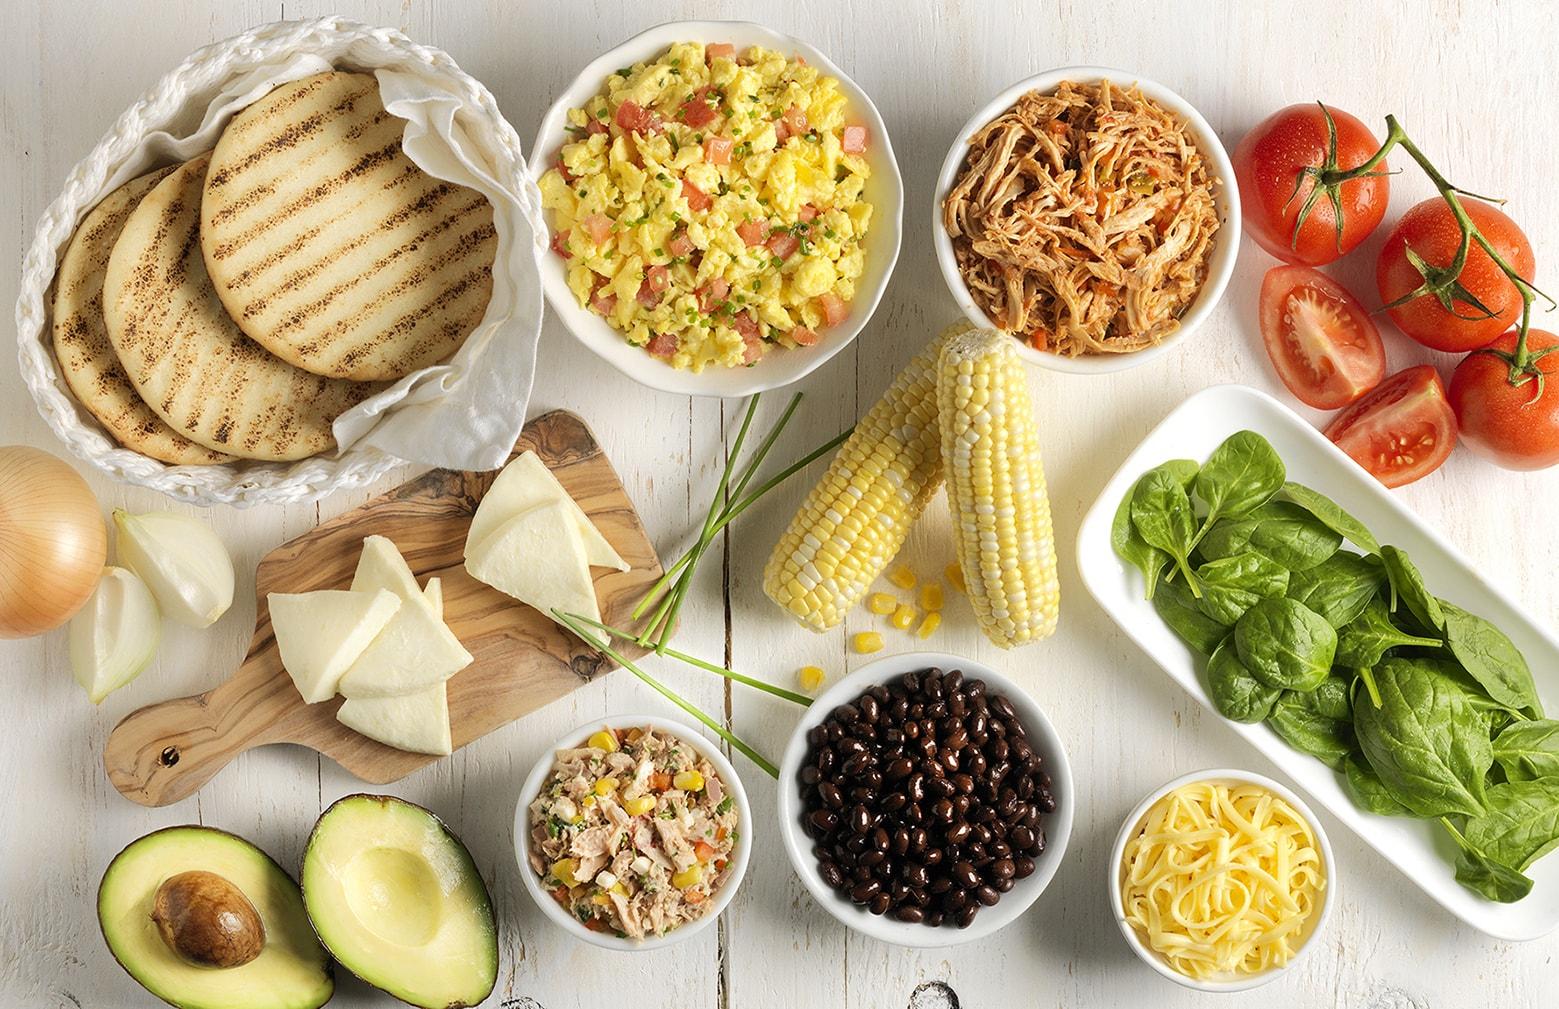 fresh-food-photography-miami-marcel-boldu.jpg